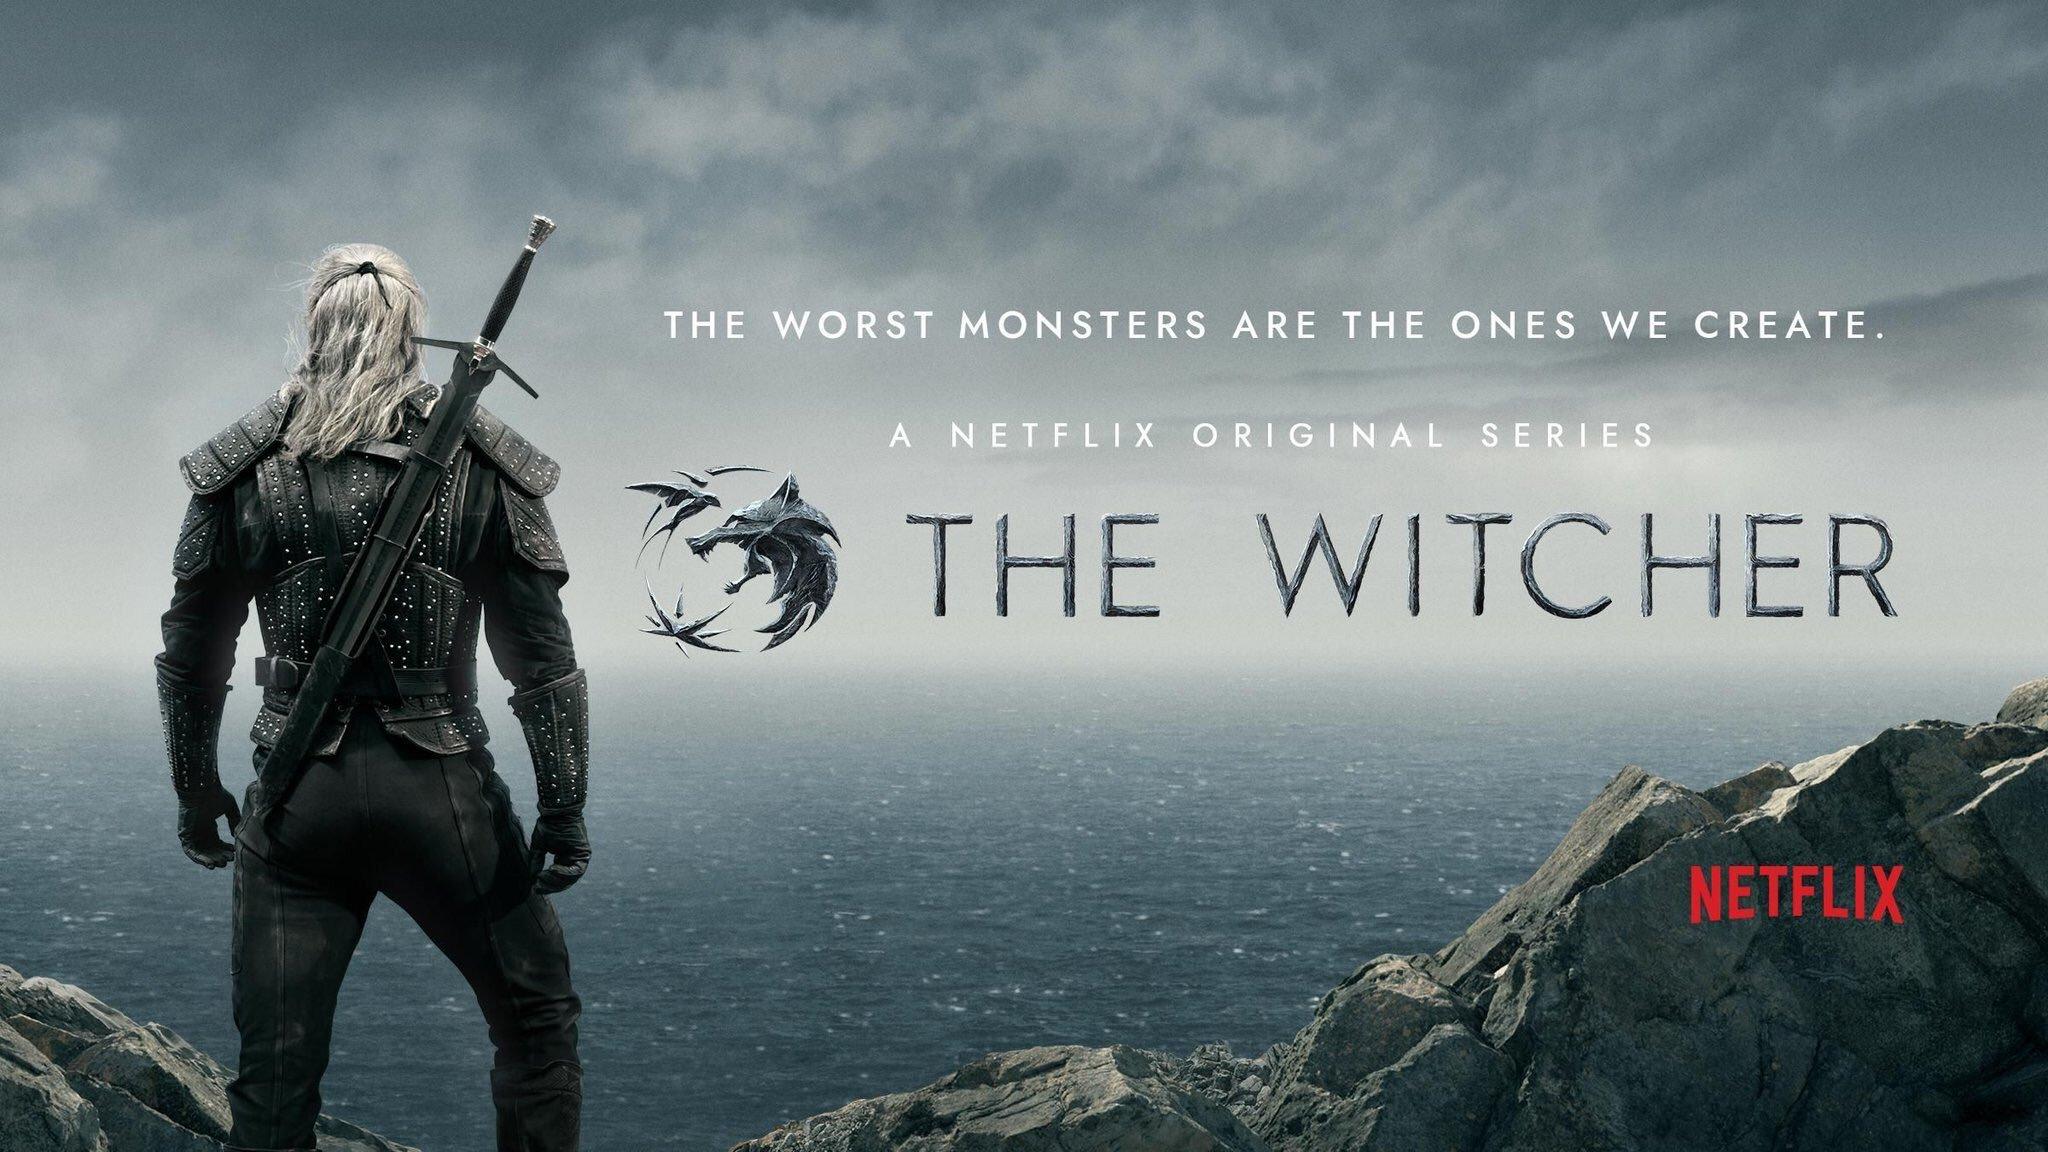 The Witcher se estrenará el 17 de Diciembre en Netflix